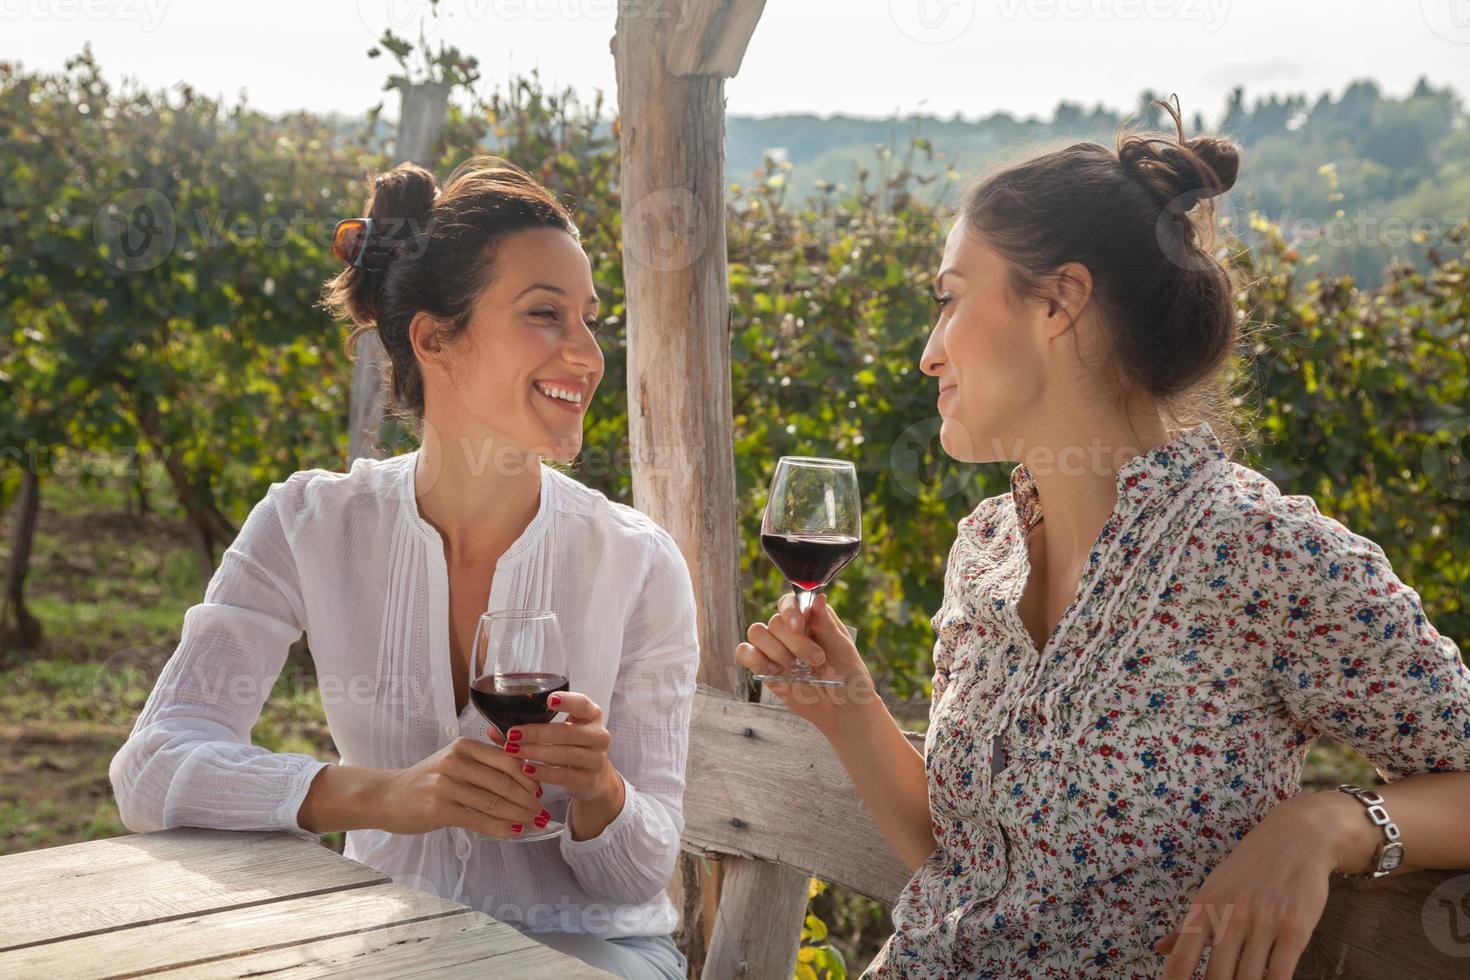 twee jonge vrouwen die wijn drinken foto